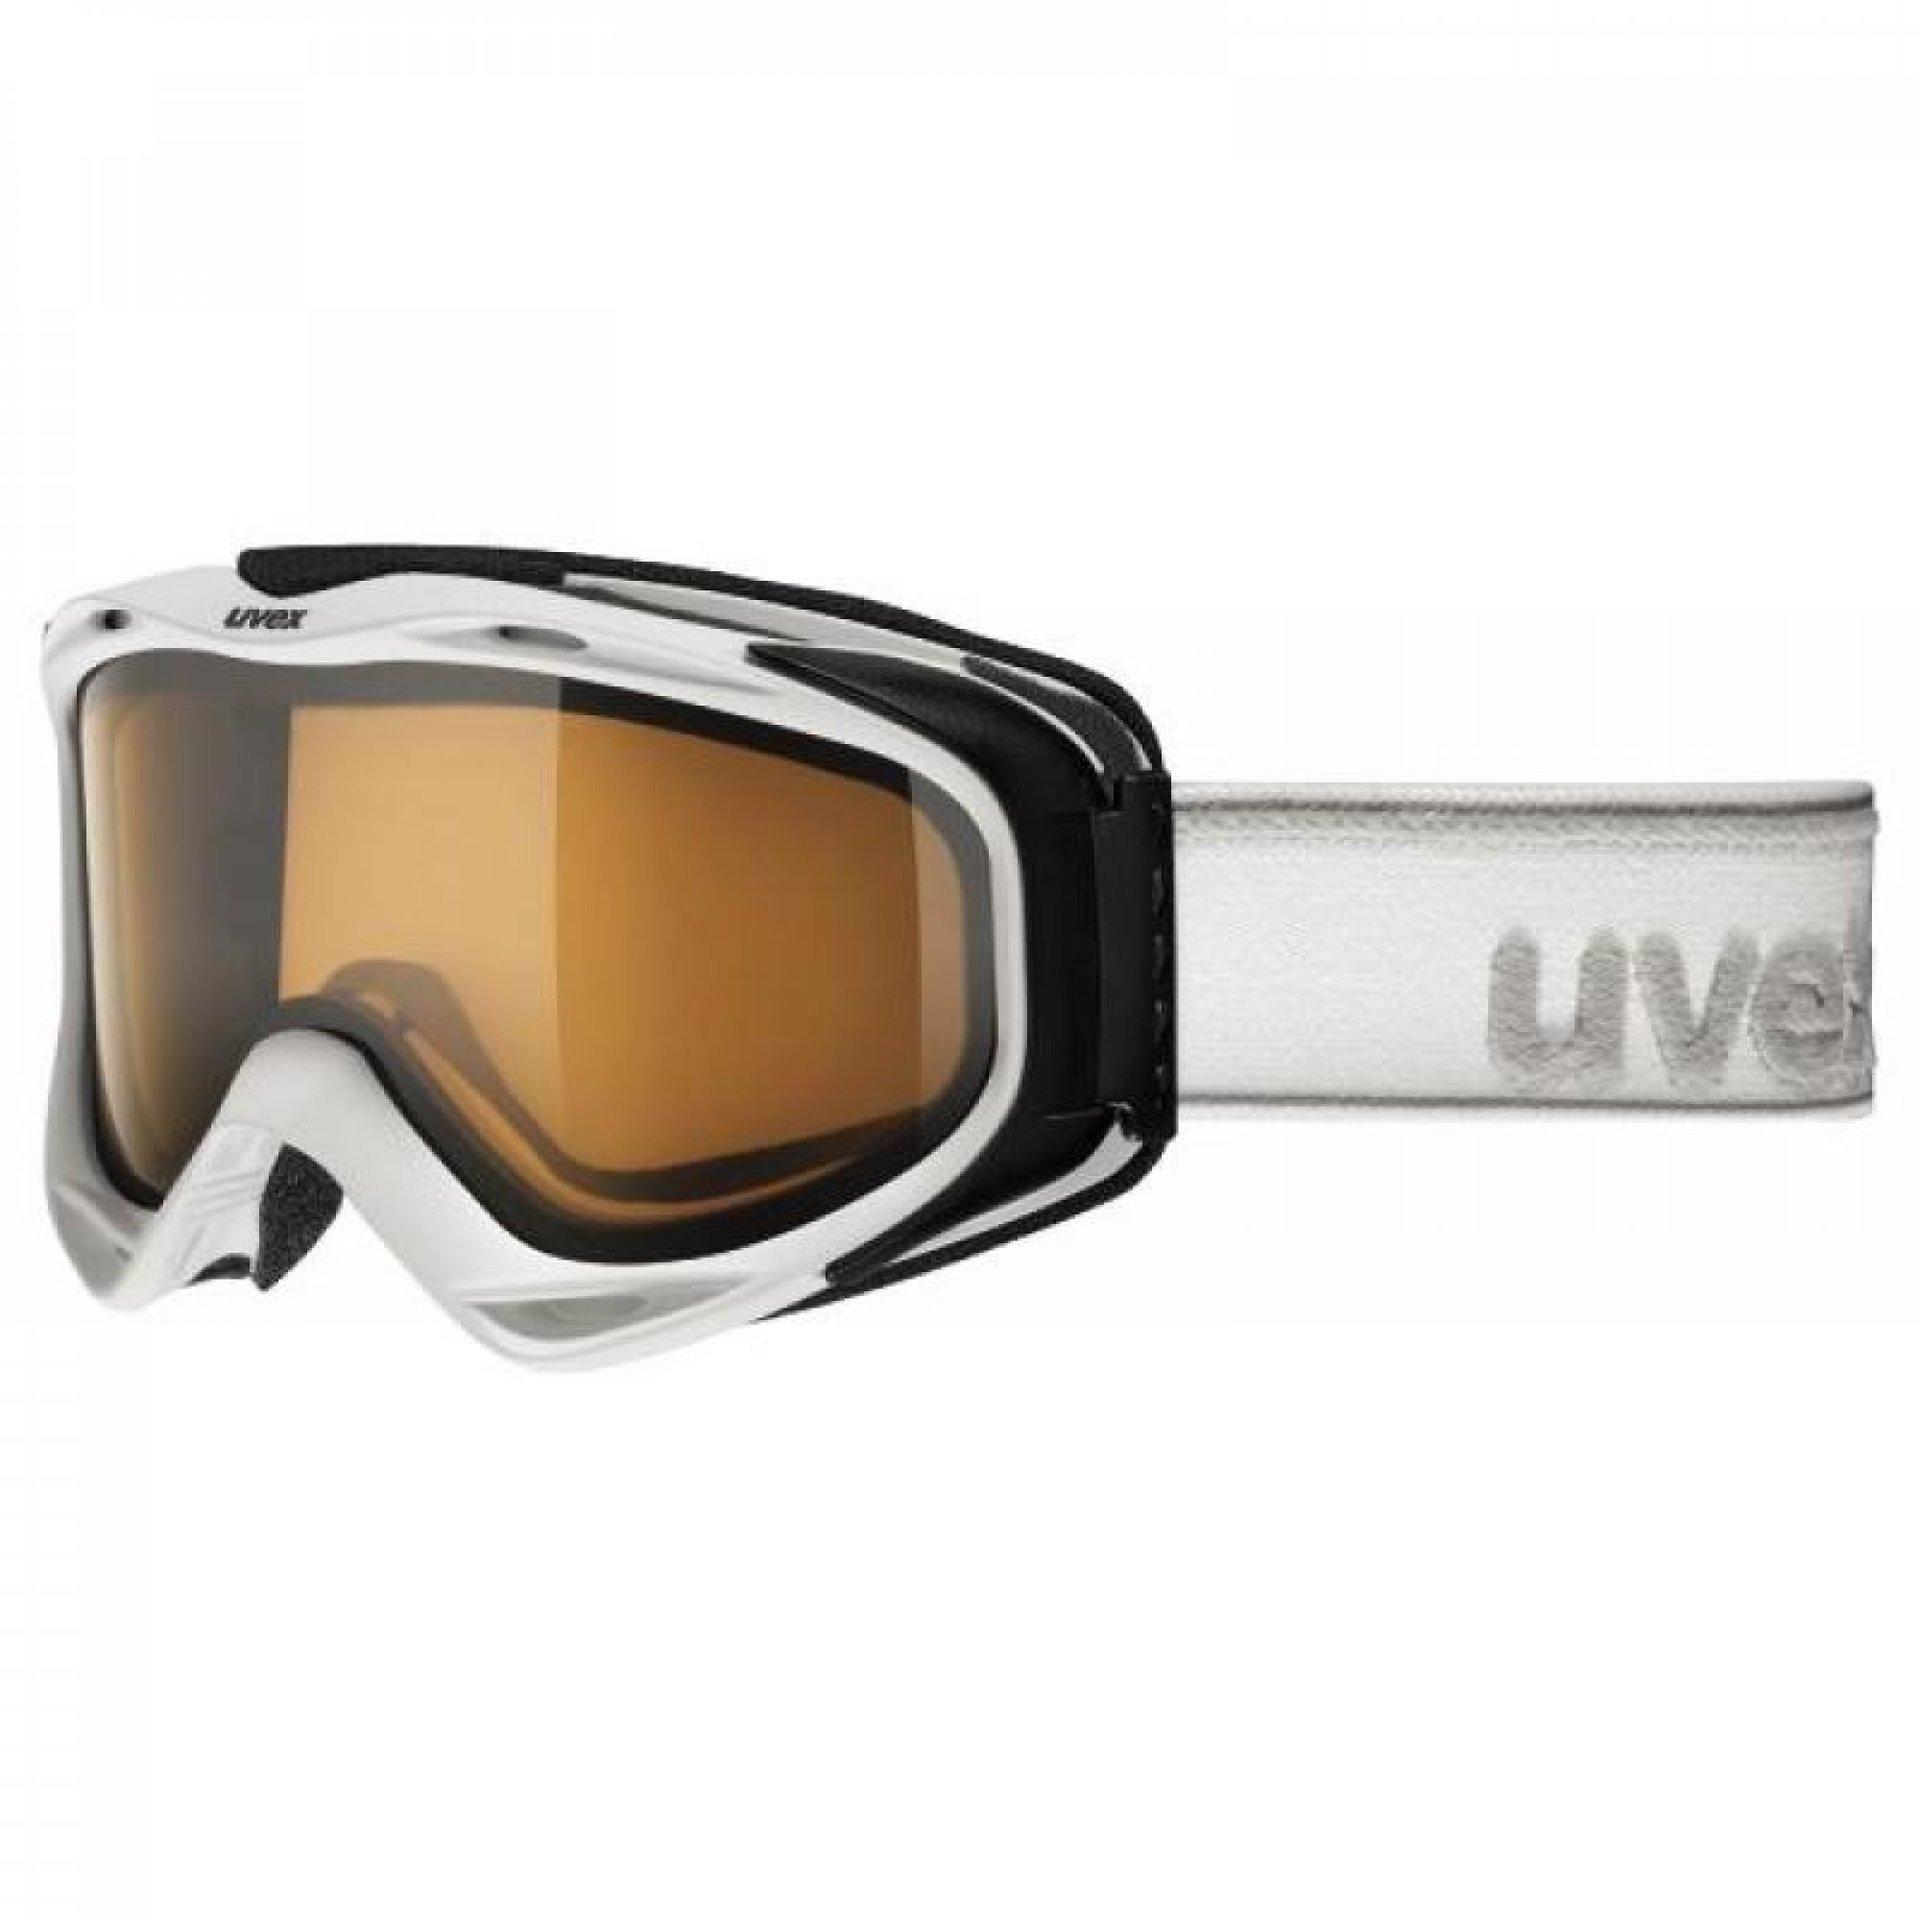 GOGLE UVEX  G.GL 300 P WHITE MAT